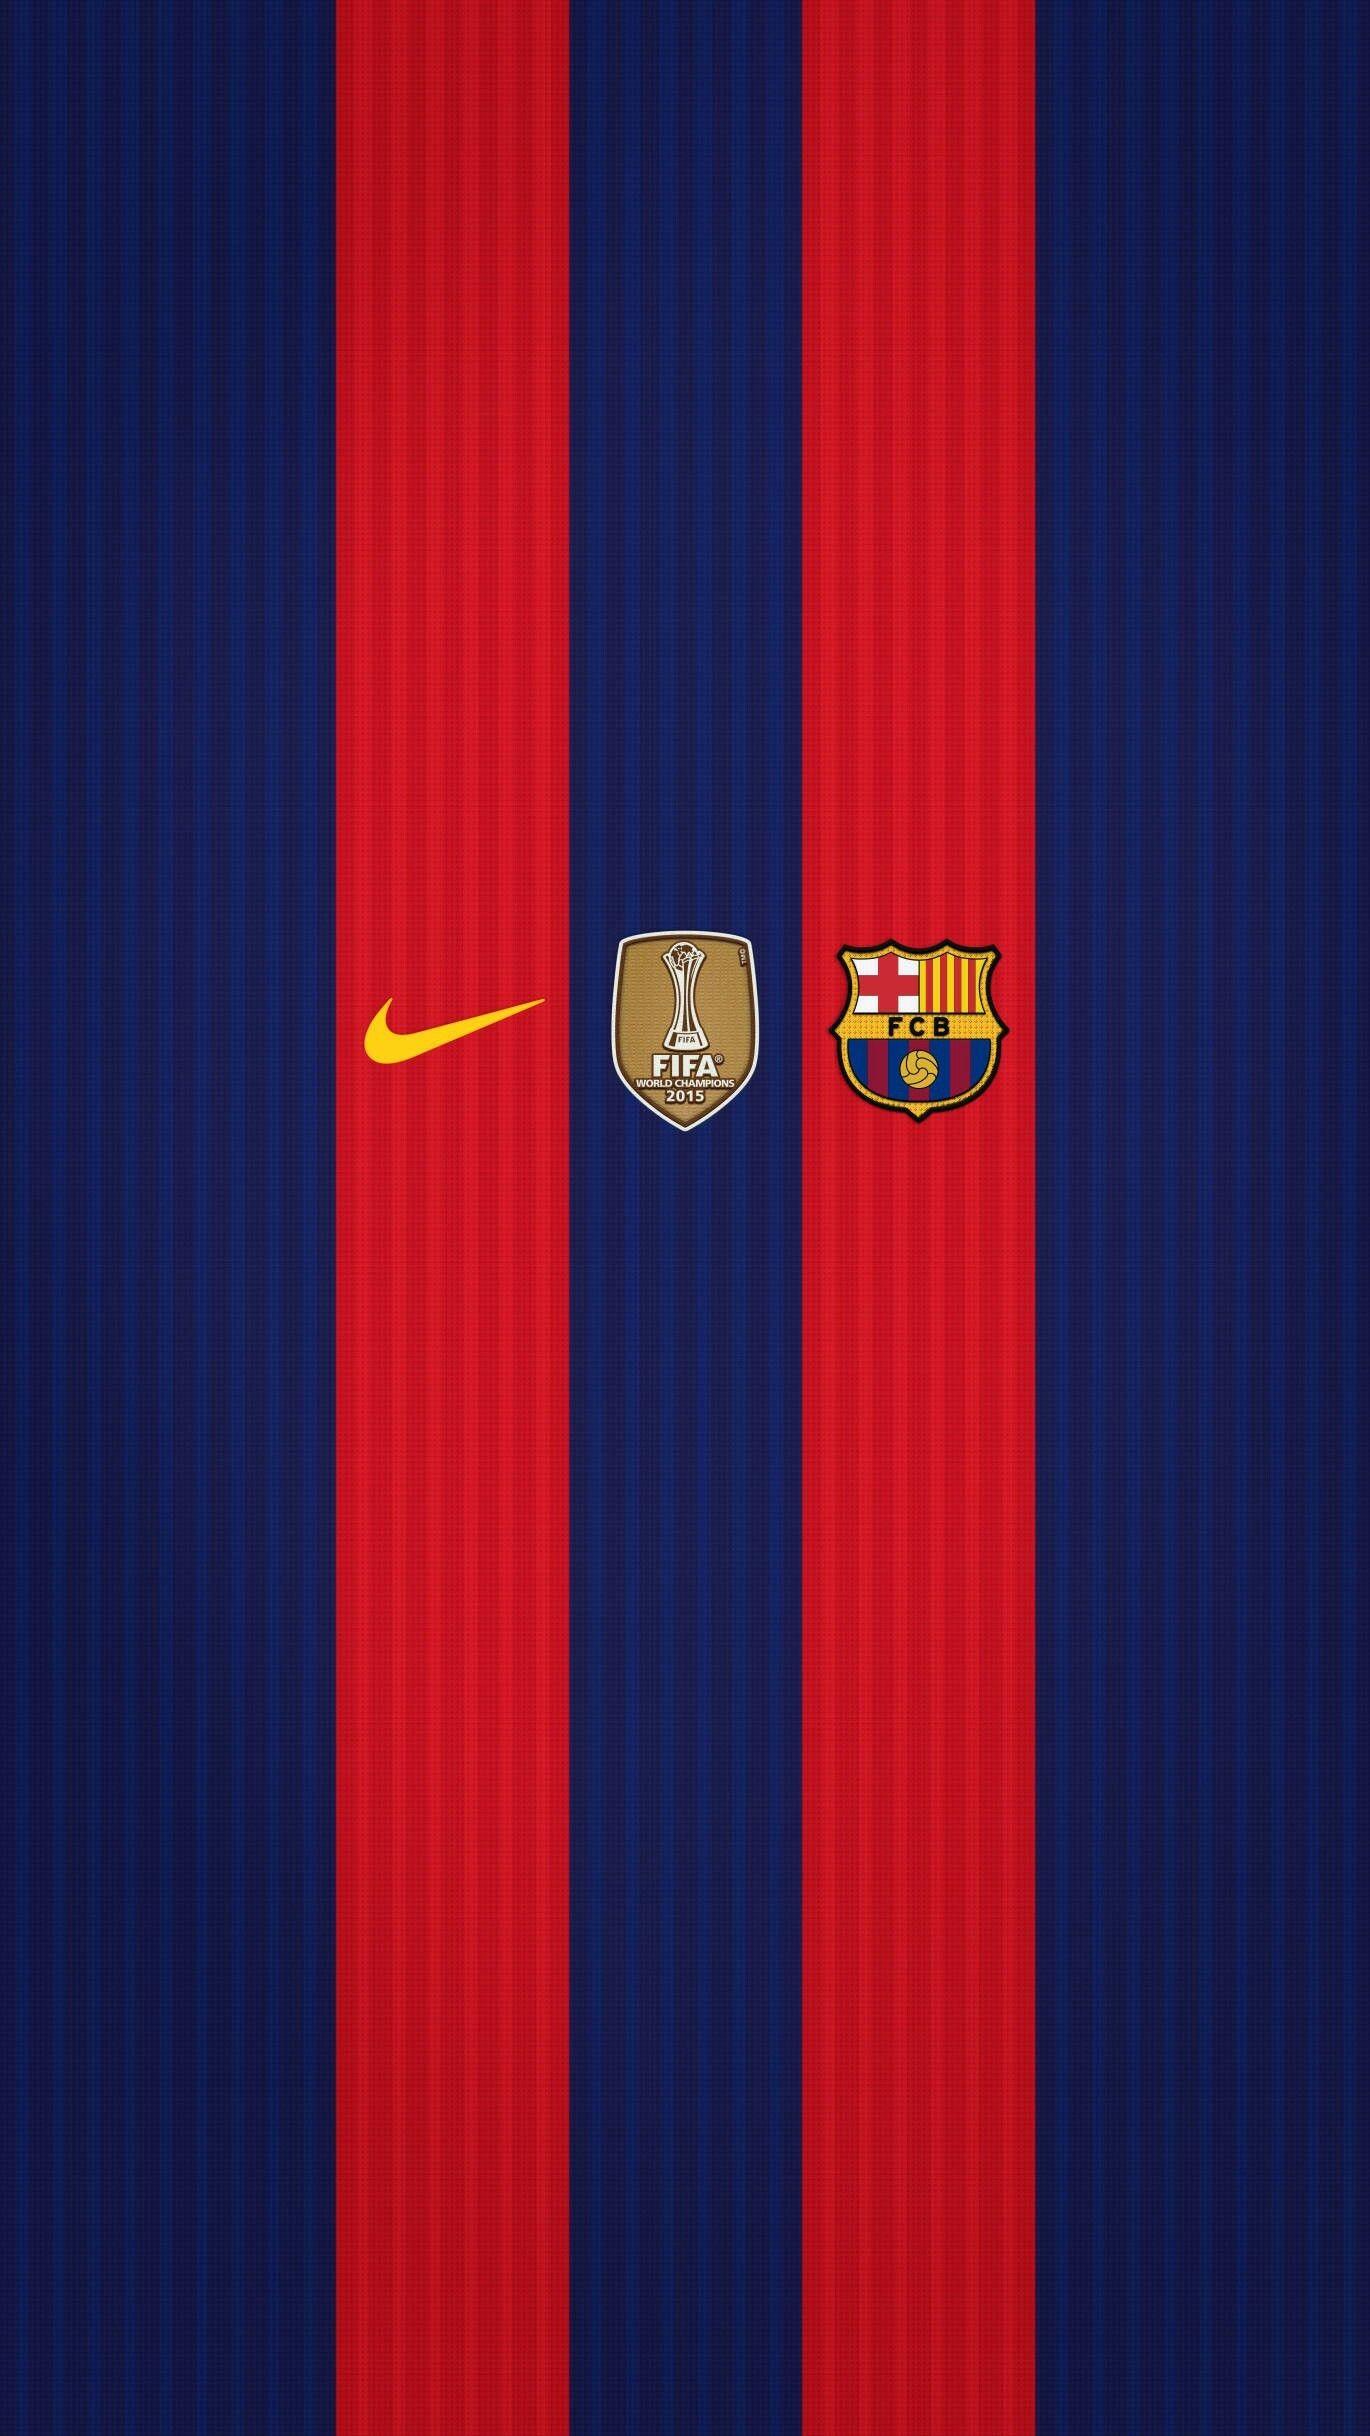 Pin On Footballs